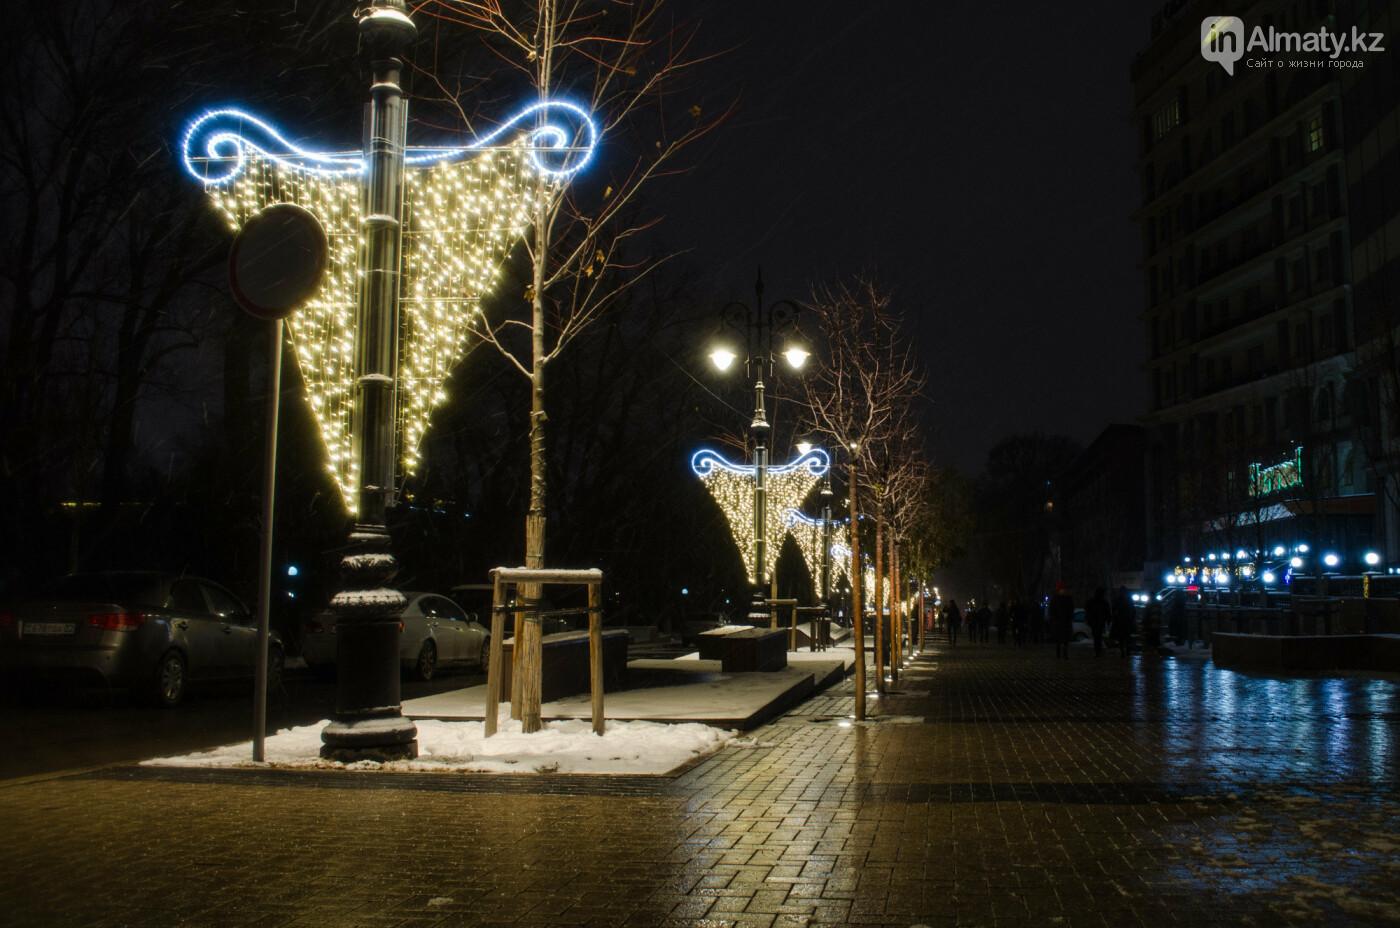 Как украшен центр Алматы к Новому году (фото), фото-29